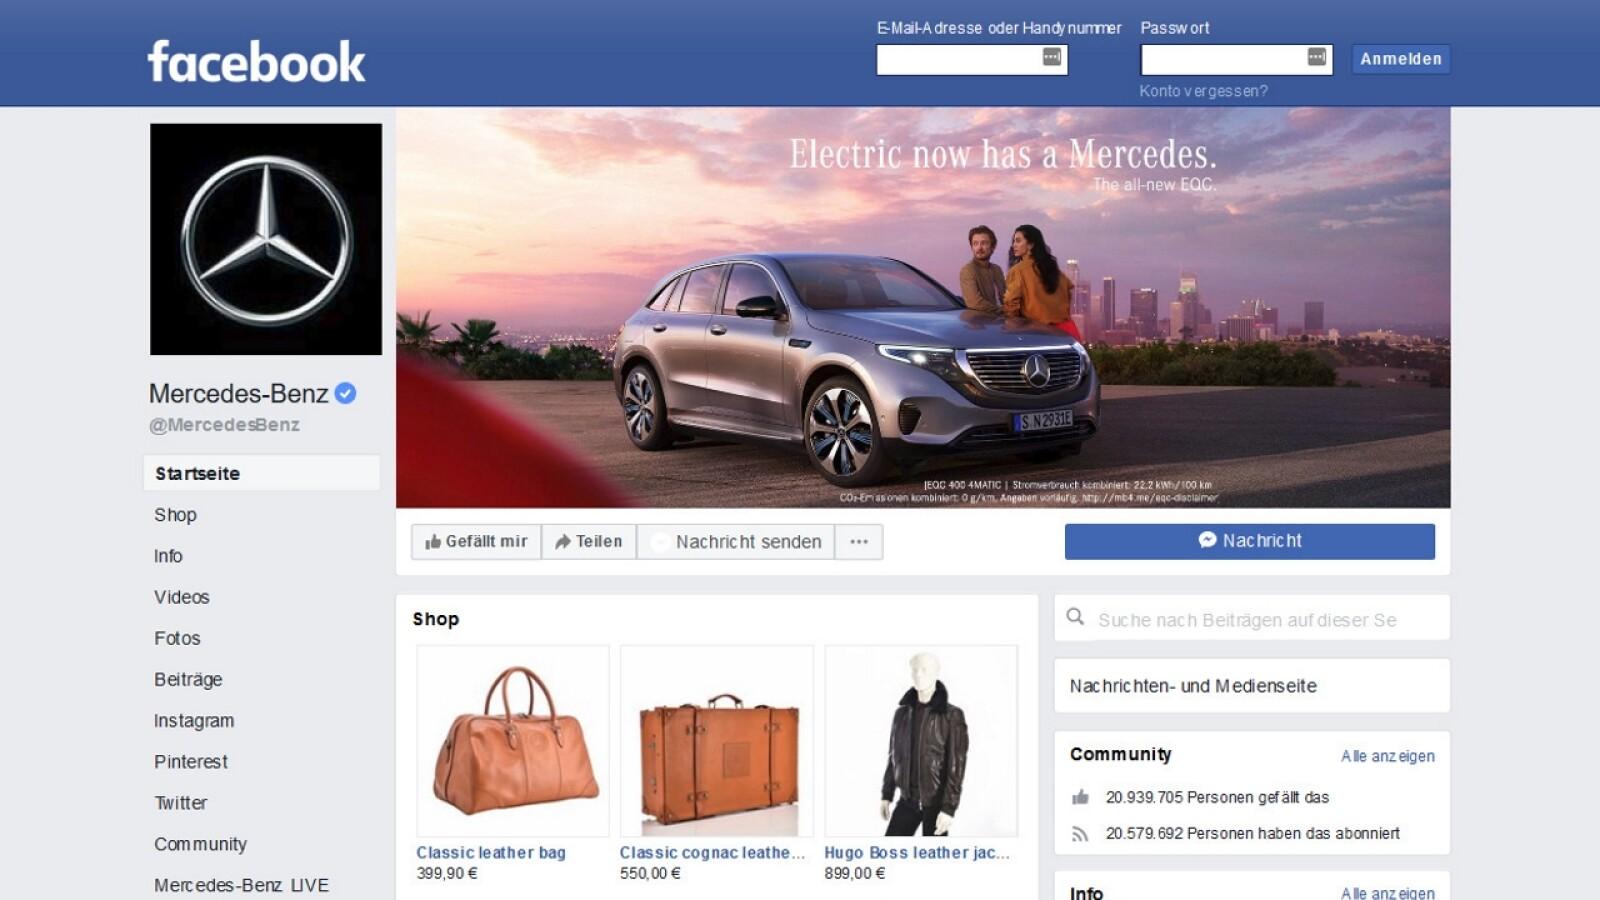 DSGVO: Alle Fan- und Firmenseiten auf Facebook rechtswidrig